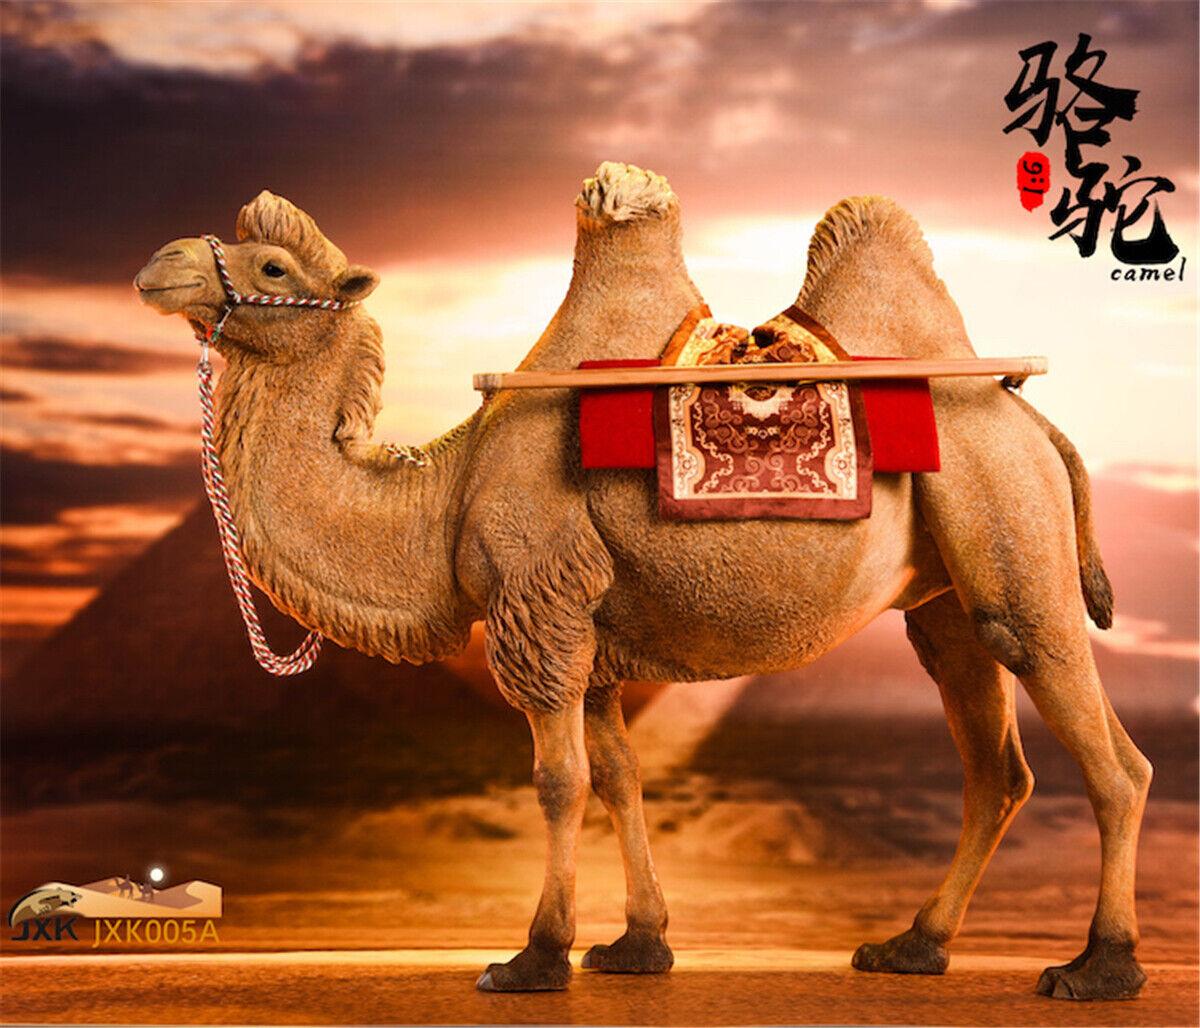 JxK 1 6 Bactrian camel Camelus bactrianus cifra Animal modellololo  Collector Decor  a buon mercato